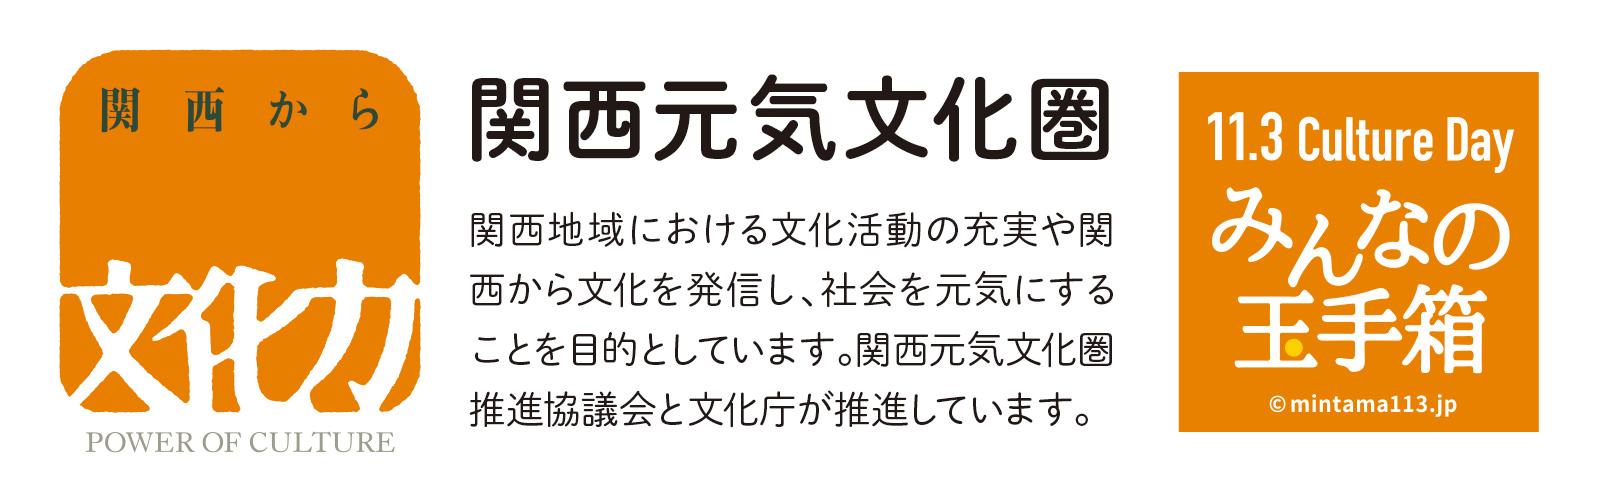 関西から文化力 みんなの玉手箱 文化庁